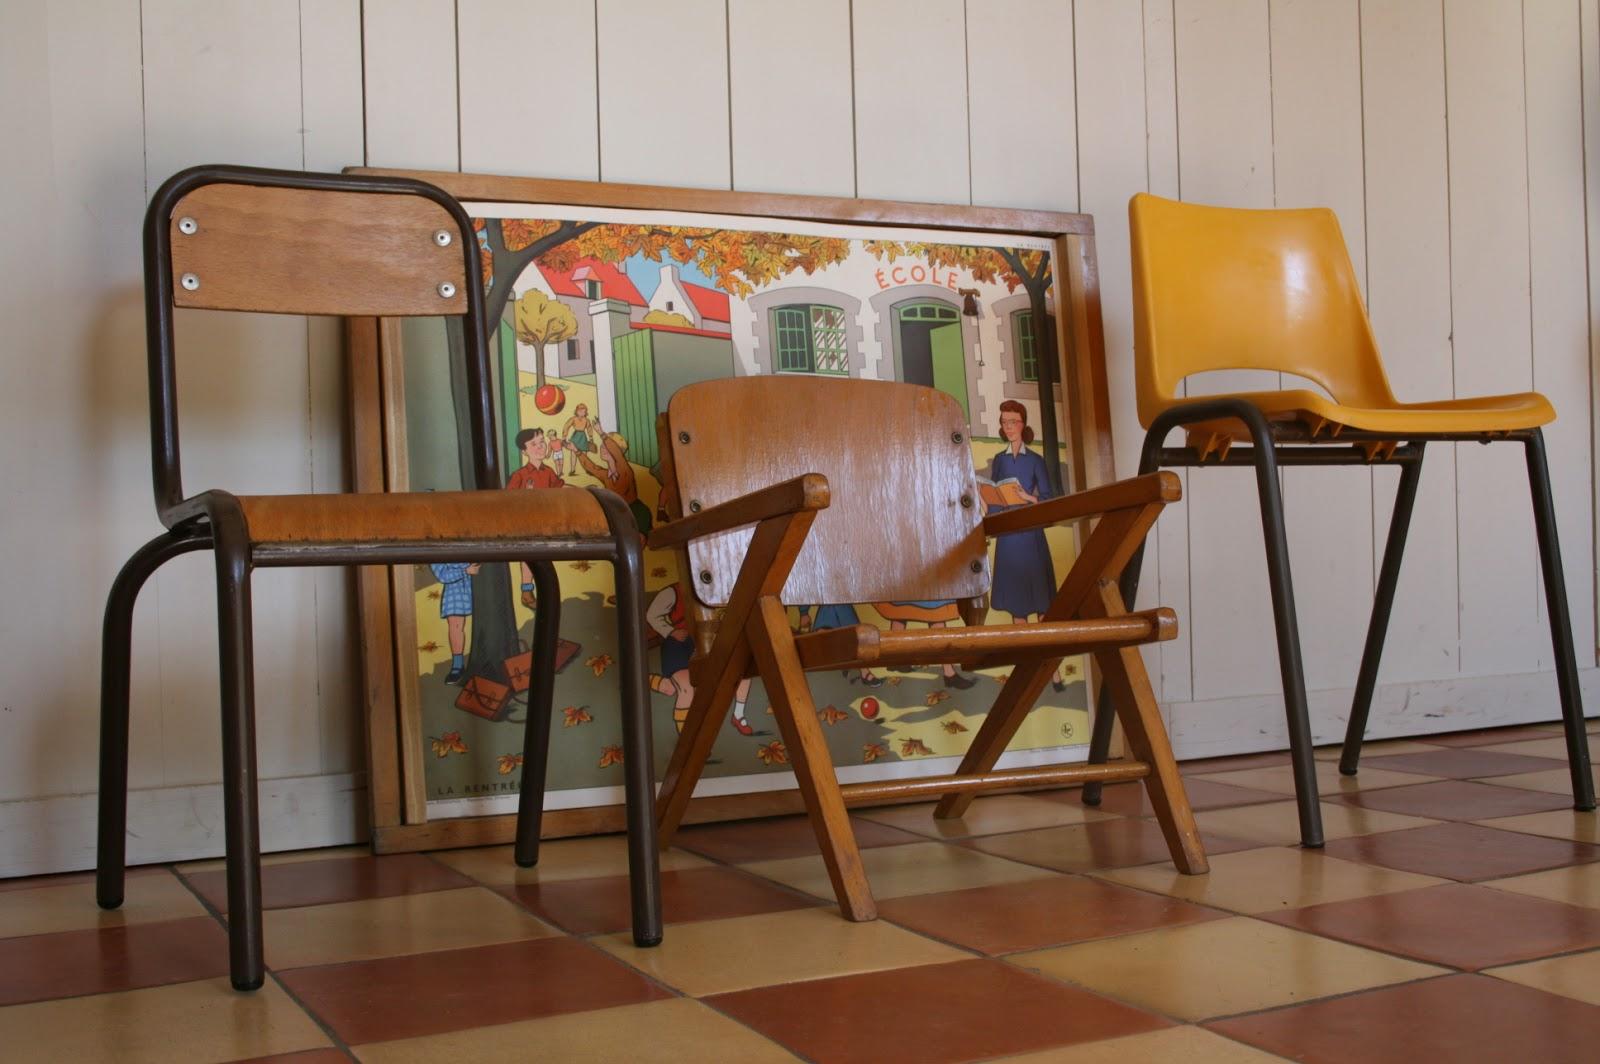 c 39 est la re cr ation vintage scolaire vintage coup de c ur chaises vintage pour les. Black Bedroom Furniture Sets. Home Design Ideas